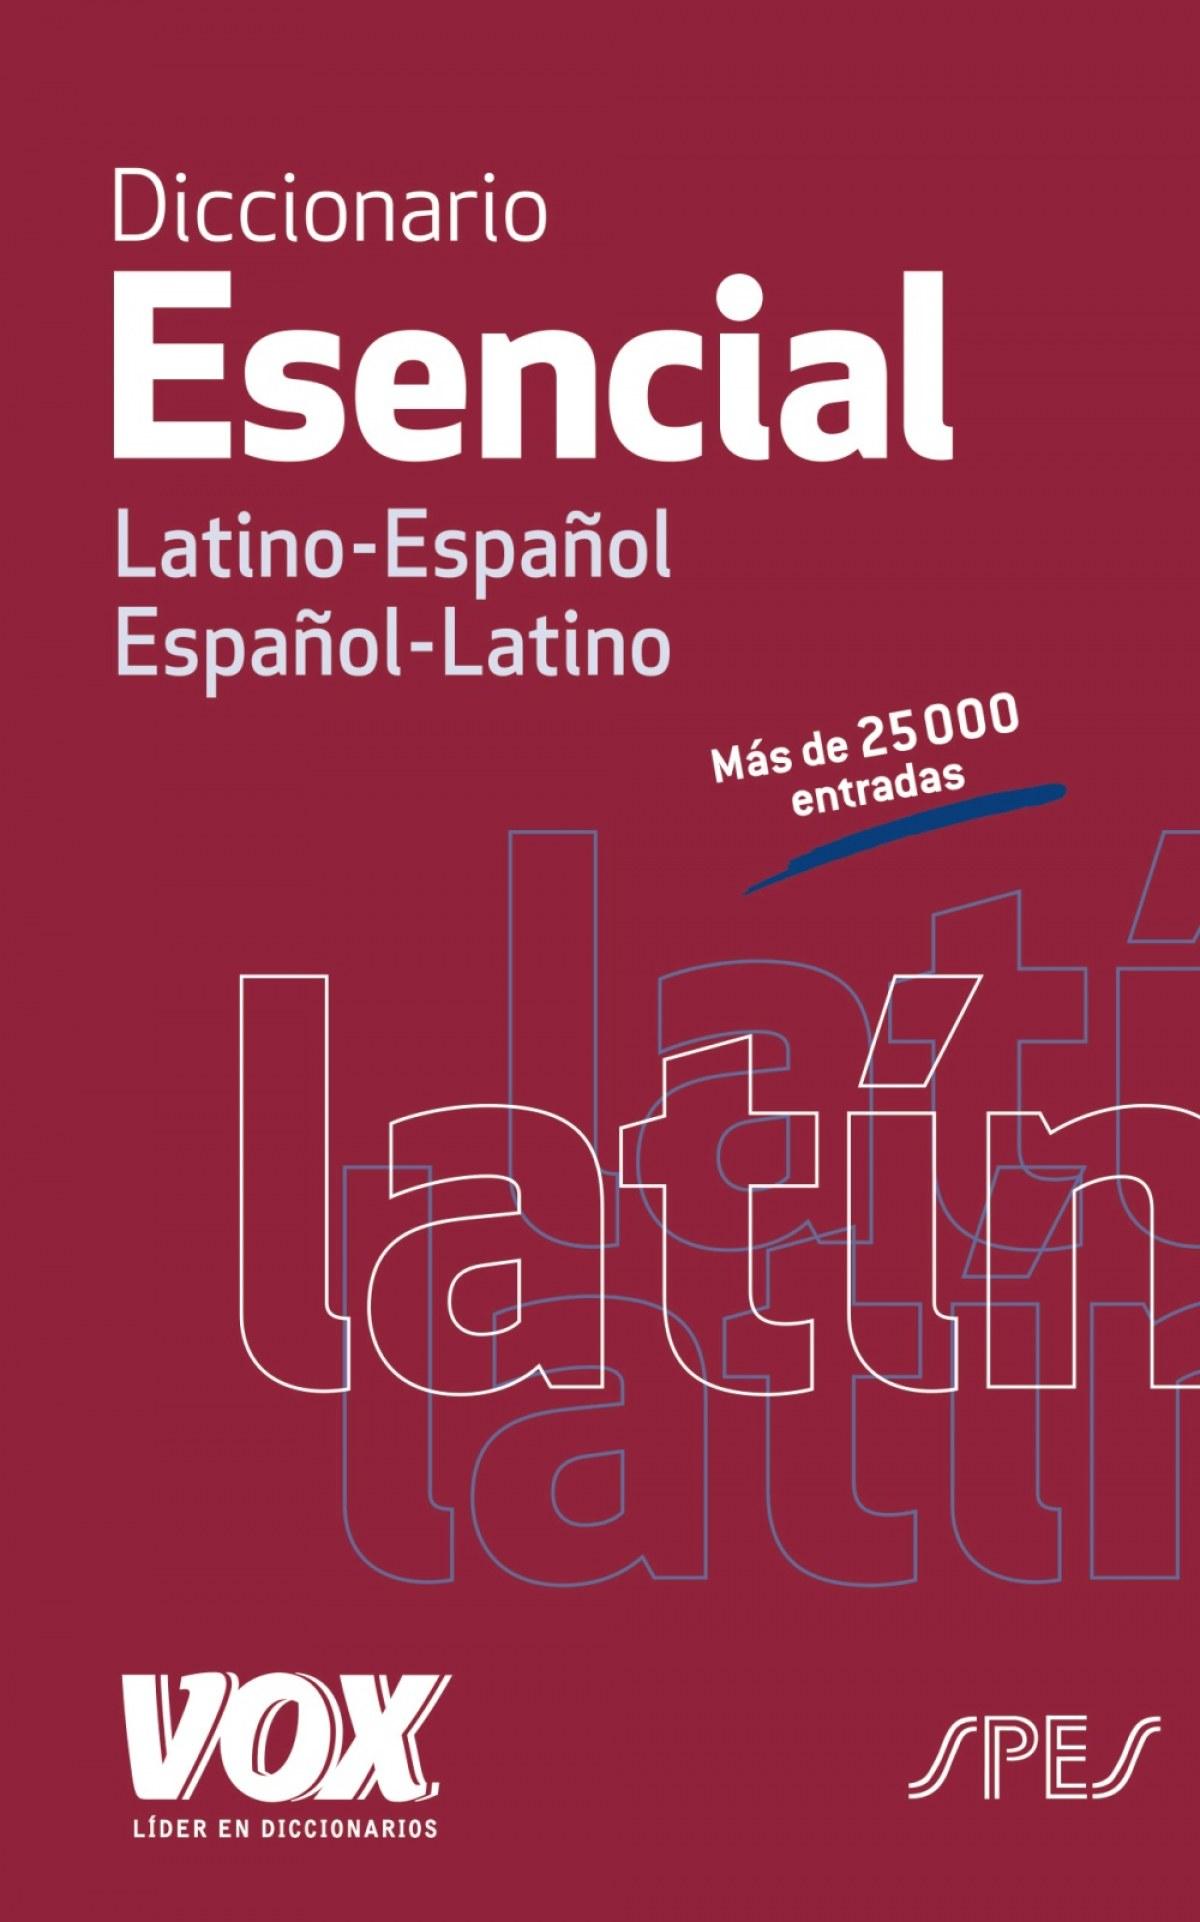 Diccionario esencial Latino-Español 9788499742021